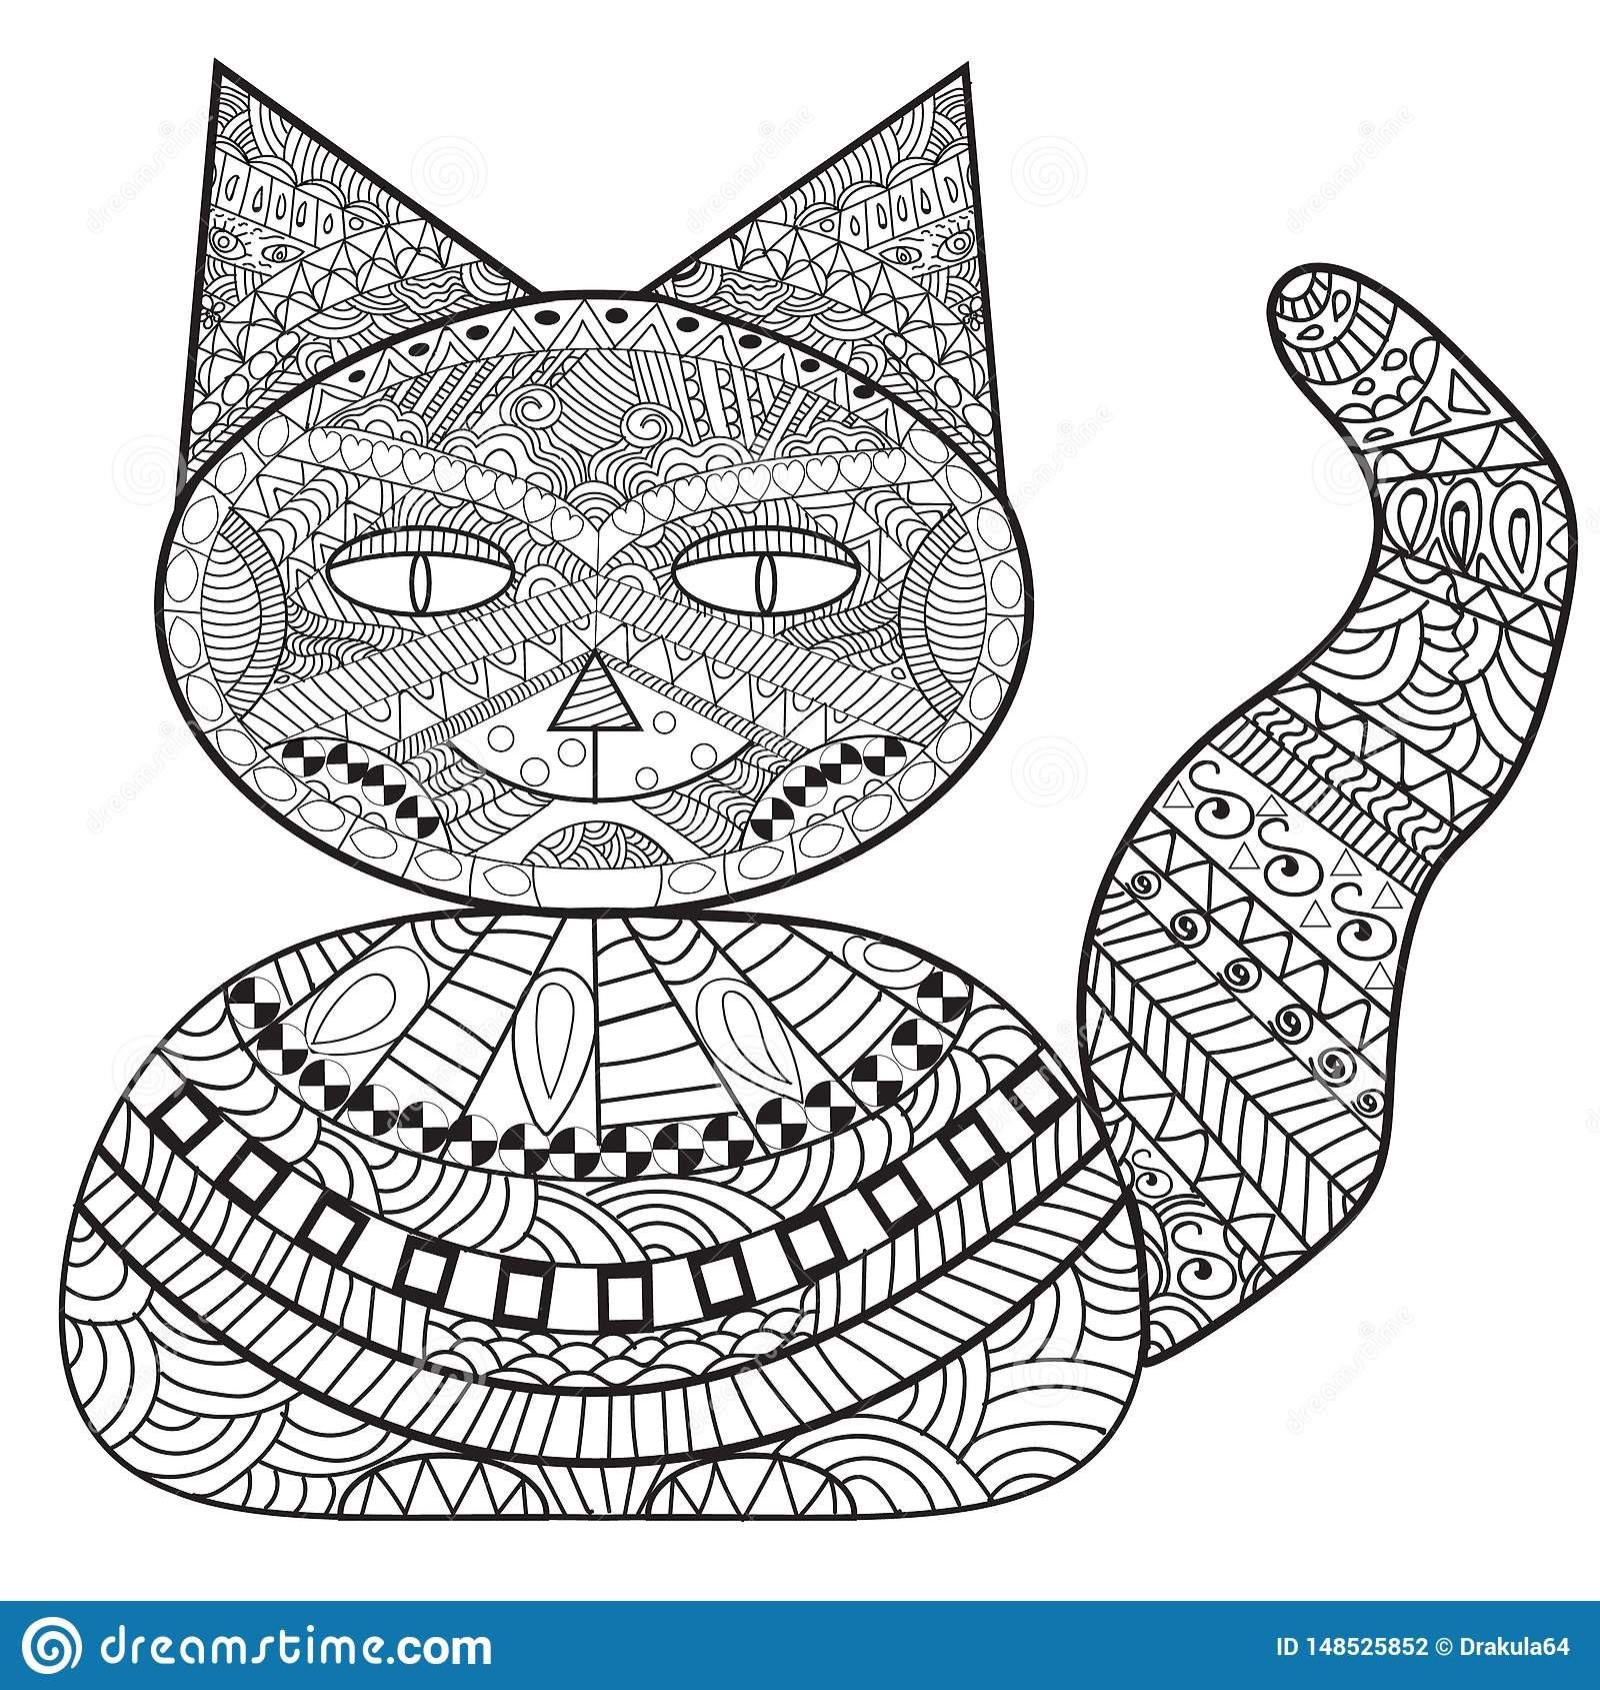 Banque de chat de Zentangle, chat de décoration, livre de coloriage adulte, colorant